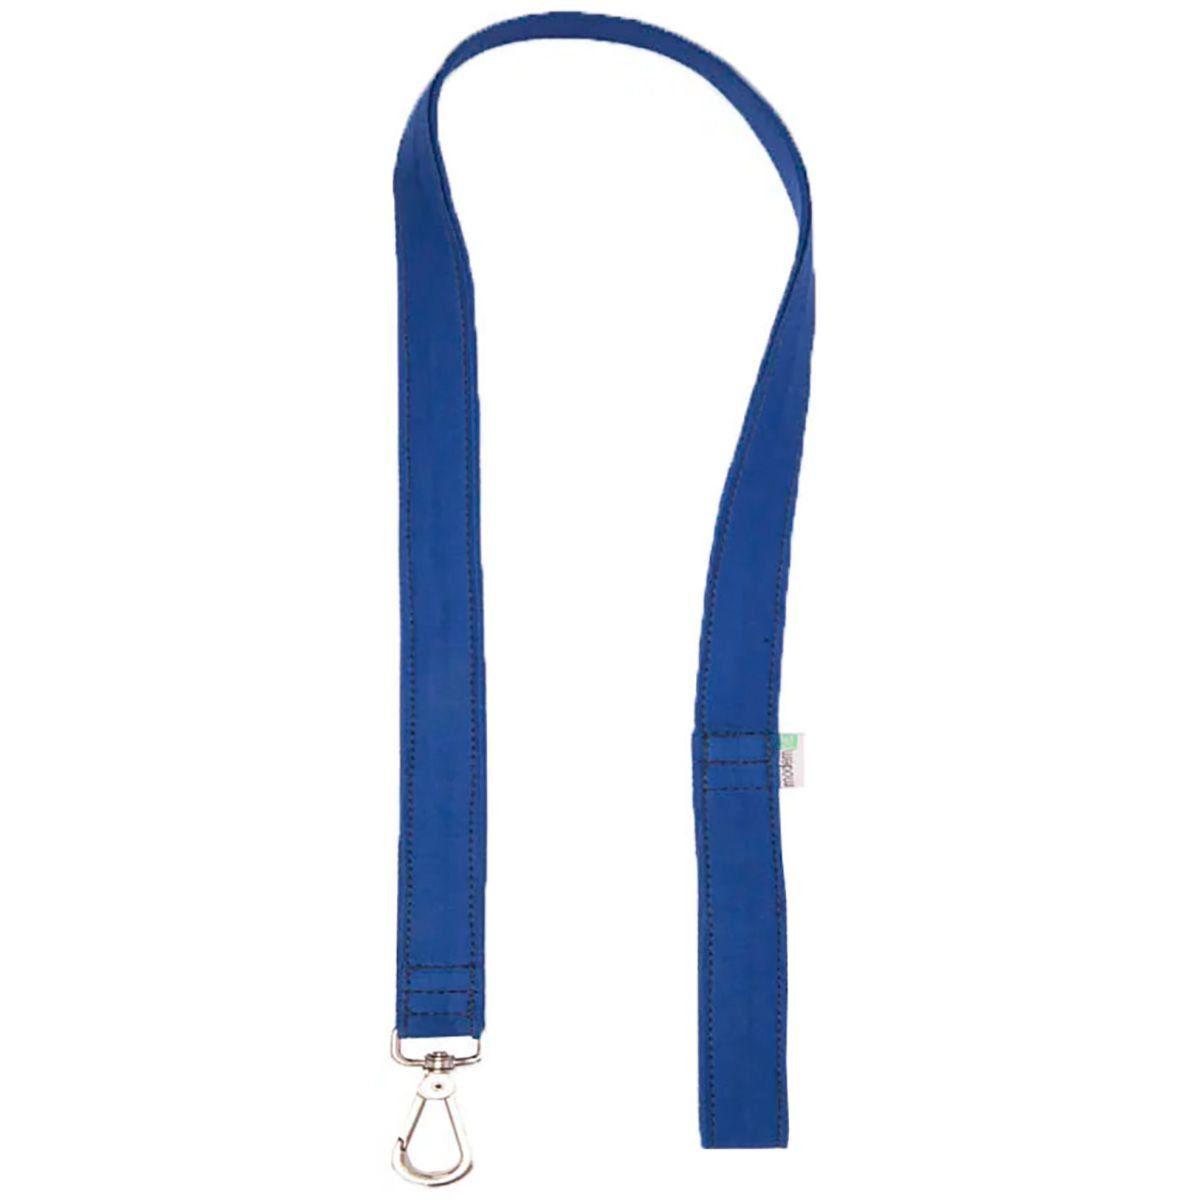 Guia Modernpet em Nylon Azul